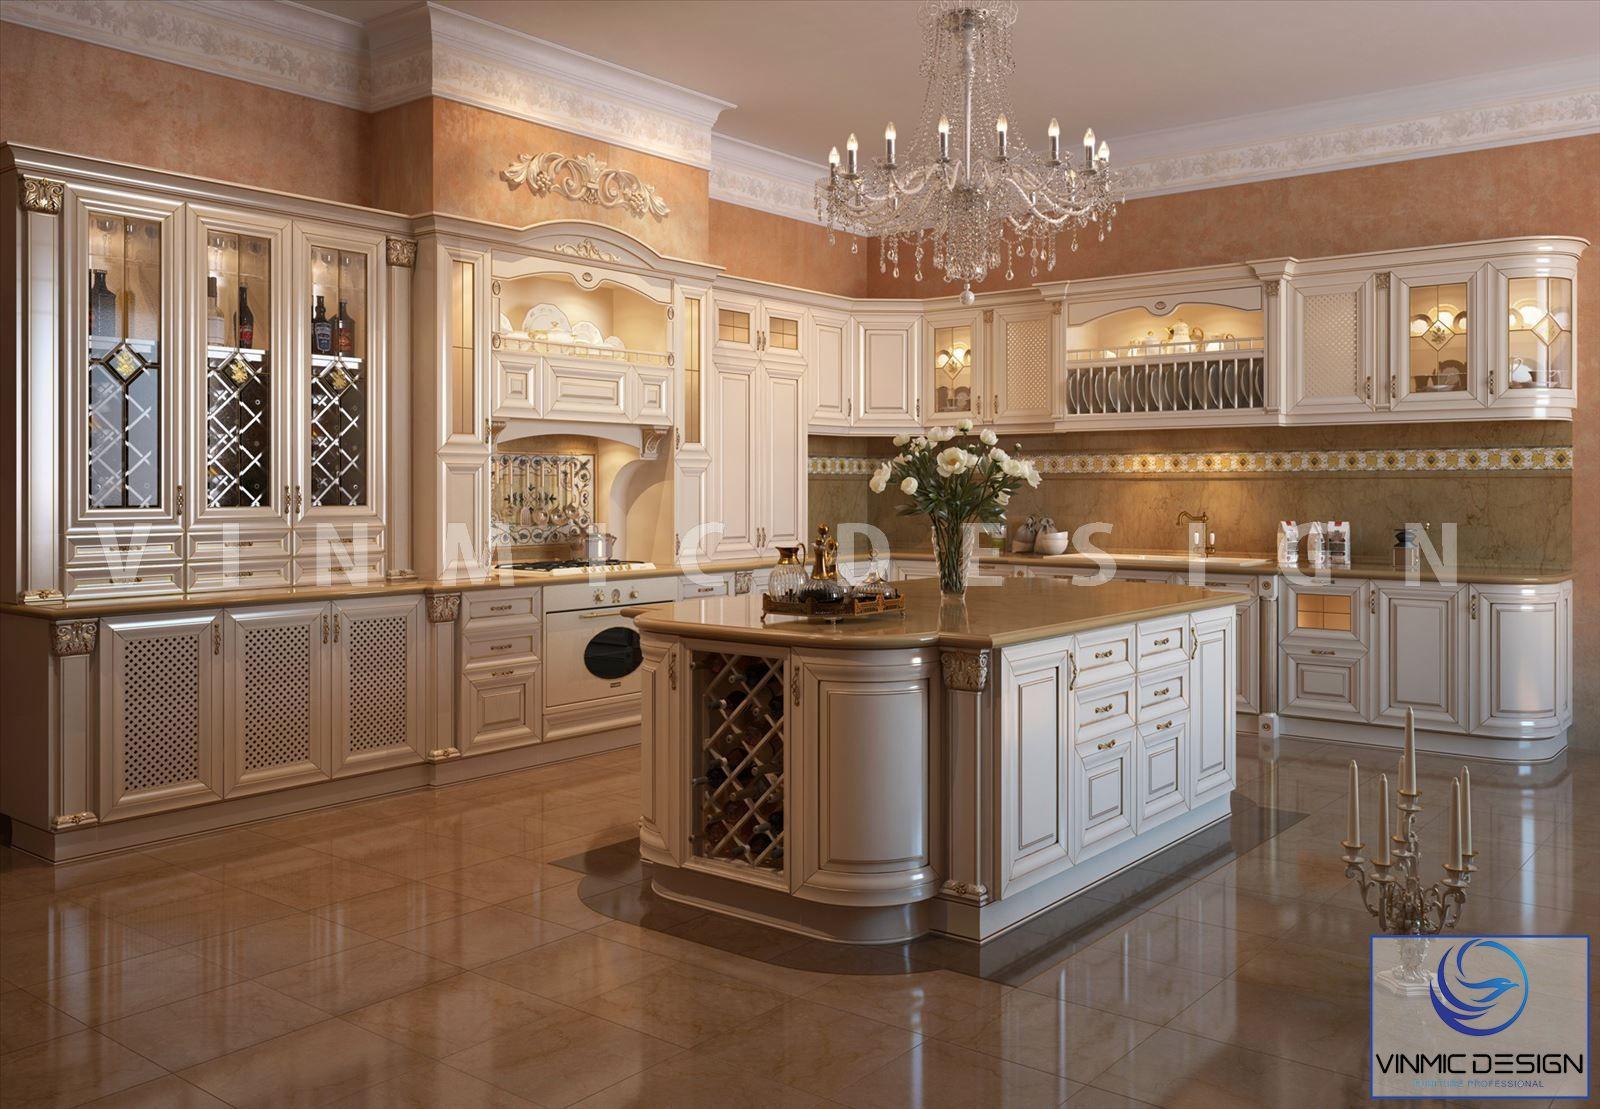 Thiết kế nội thất phòng bếp phong cách tân cổ điển cho biệt thự Vinhomes The Harmony